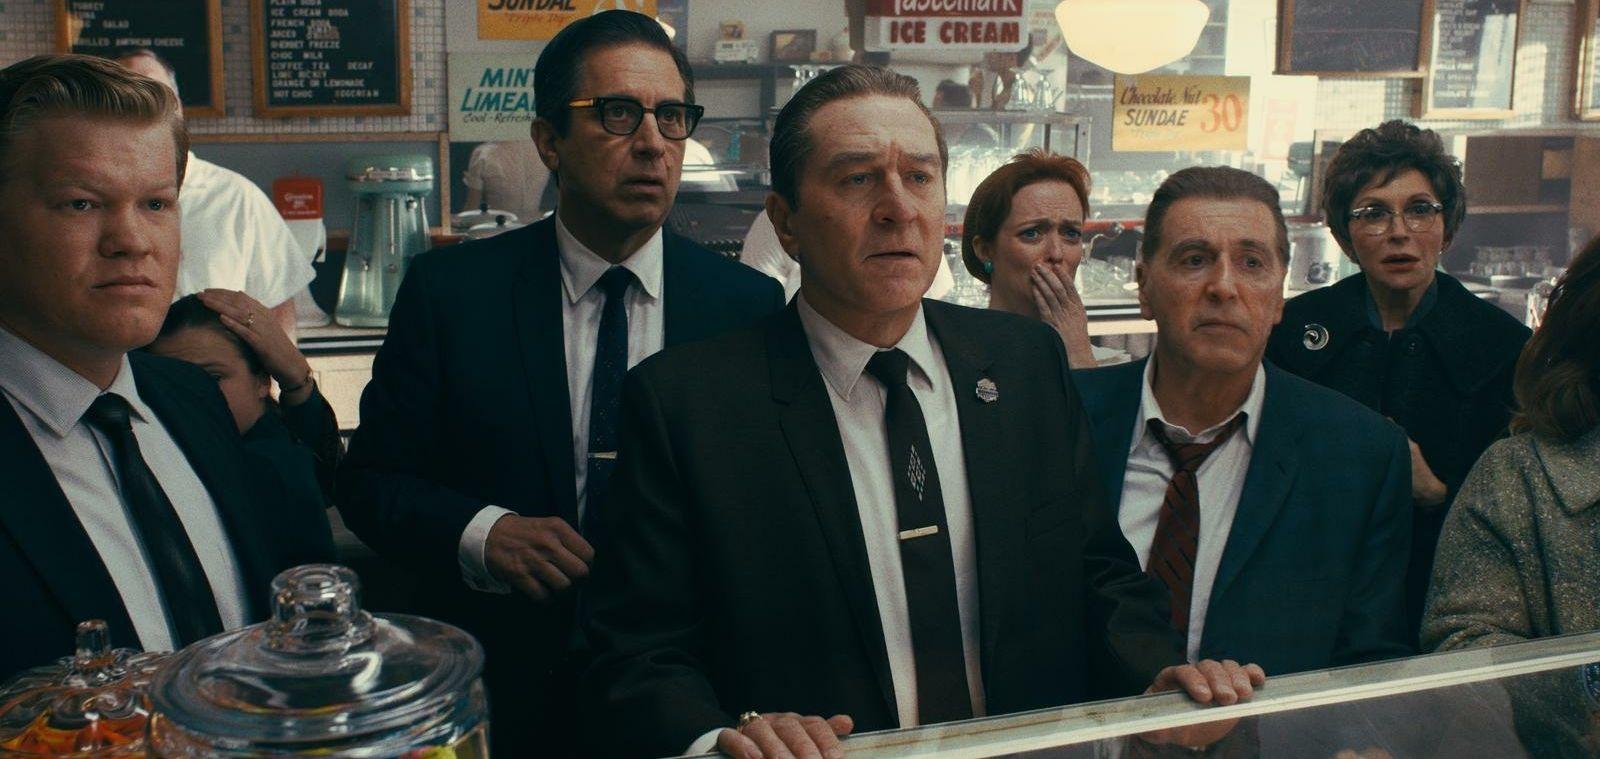 Killers of the Flower Moon : le thriller de Martin Scorsese change les plans du film d'horreur de Jordan Peele - ÉcranLarge.com